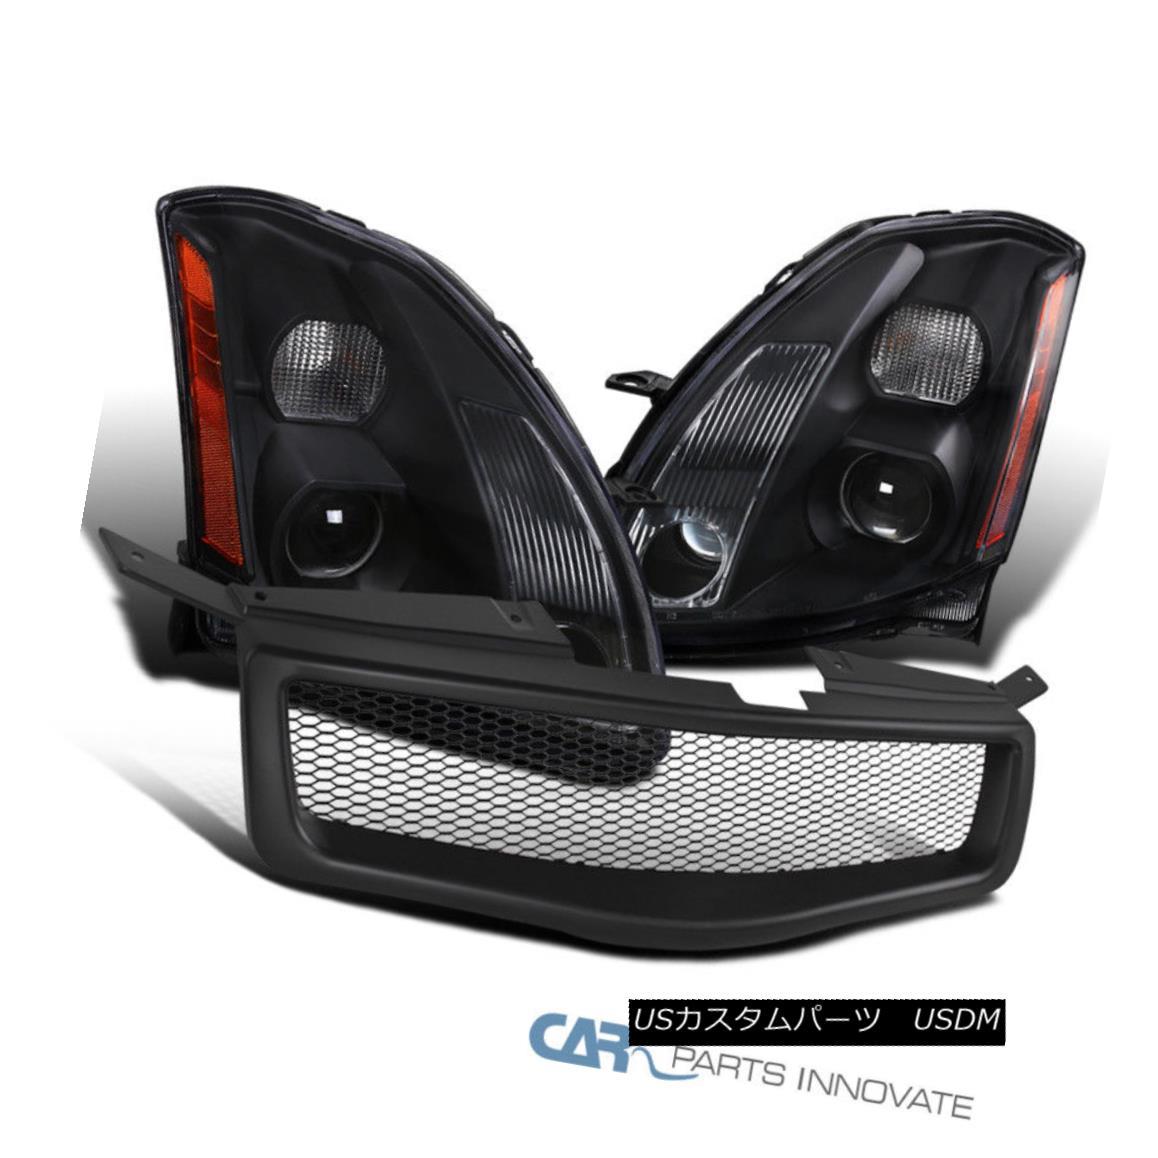 グリル For 04-06 Nissan Maxima Black Projector Headlights Lamps+Black Front Hood Grille 04-06日産マキシマブラックプロジェクターヘッドライトランプ+ブラックフロントフードグリル